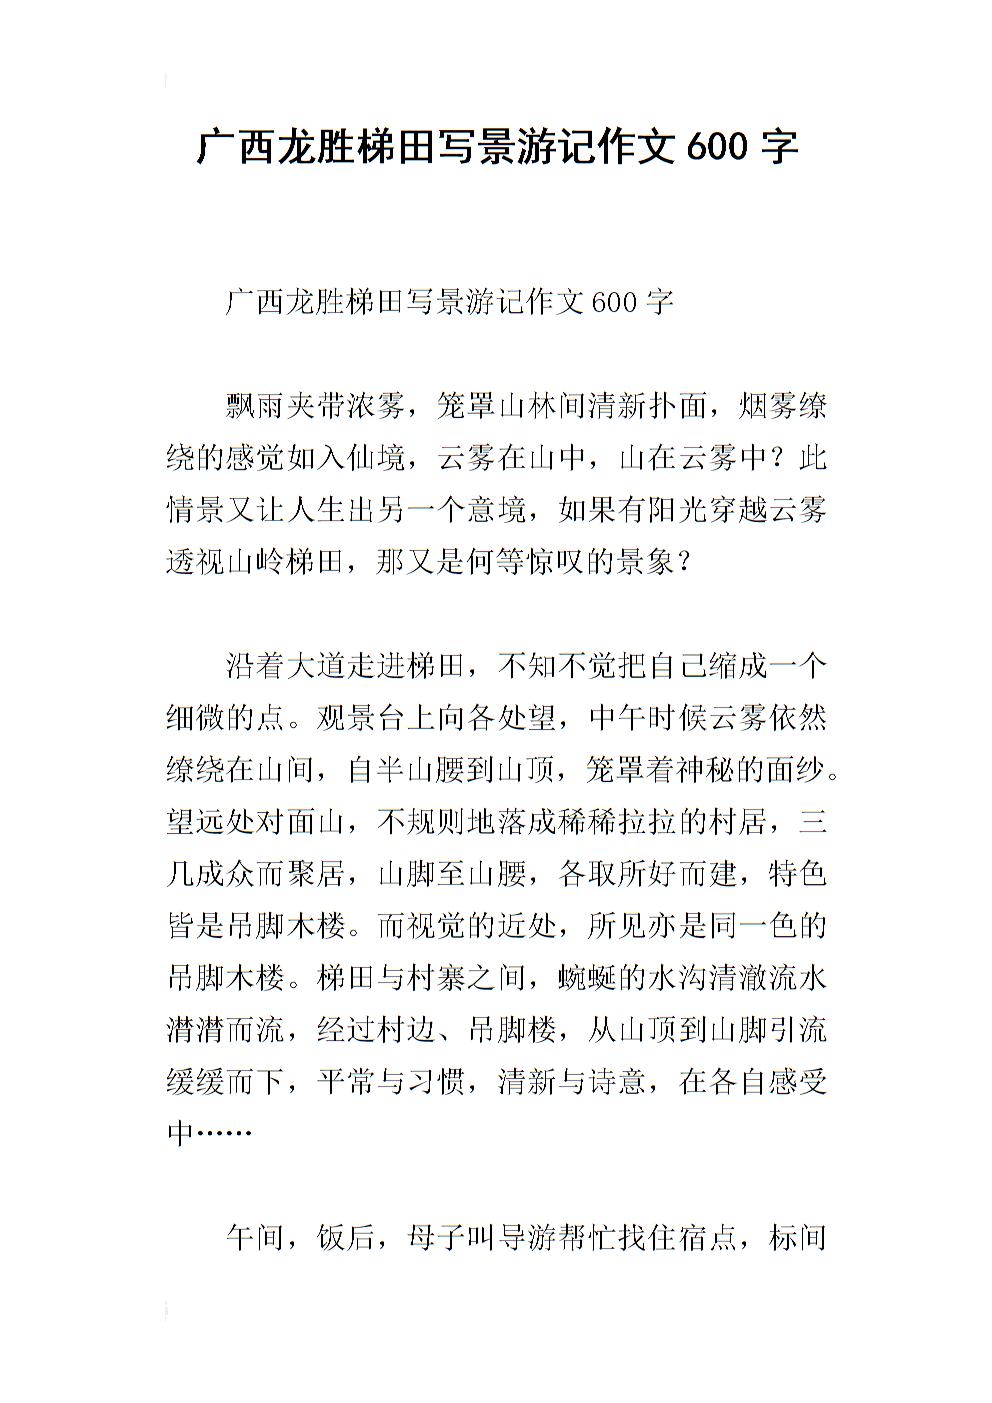 广西龙胜梯田写景游记作文600字.docx